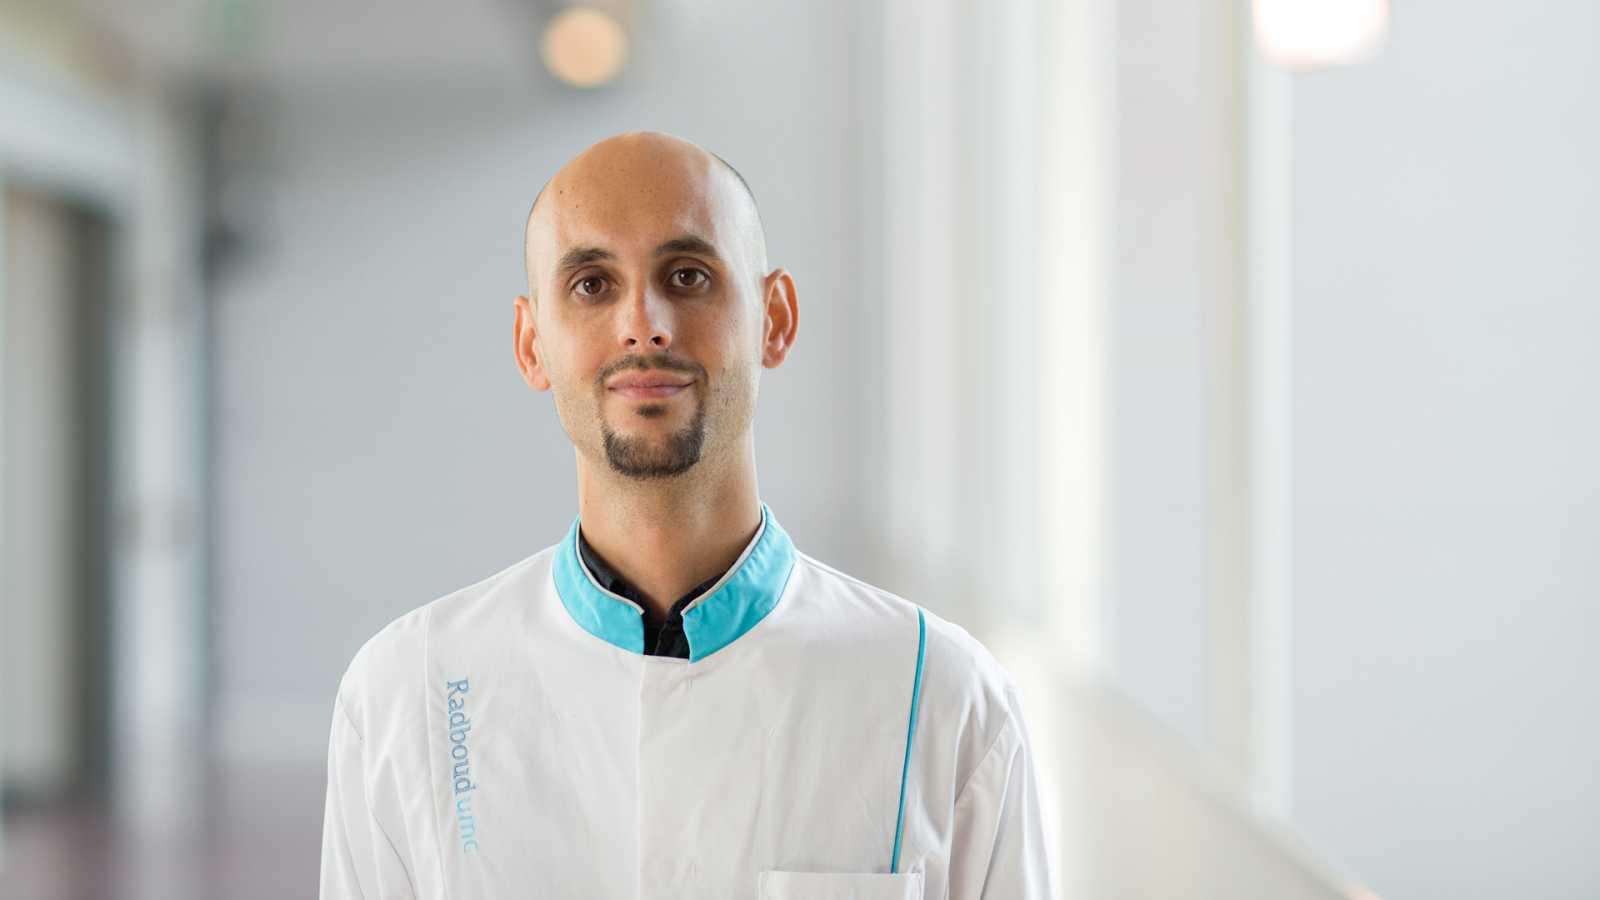 Punto de enlace - Jorge Domínguez investiga, en Países Bajos, el sistema inmune - 14/07/20 - escuchar ahora